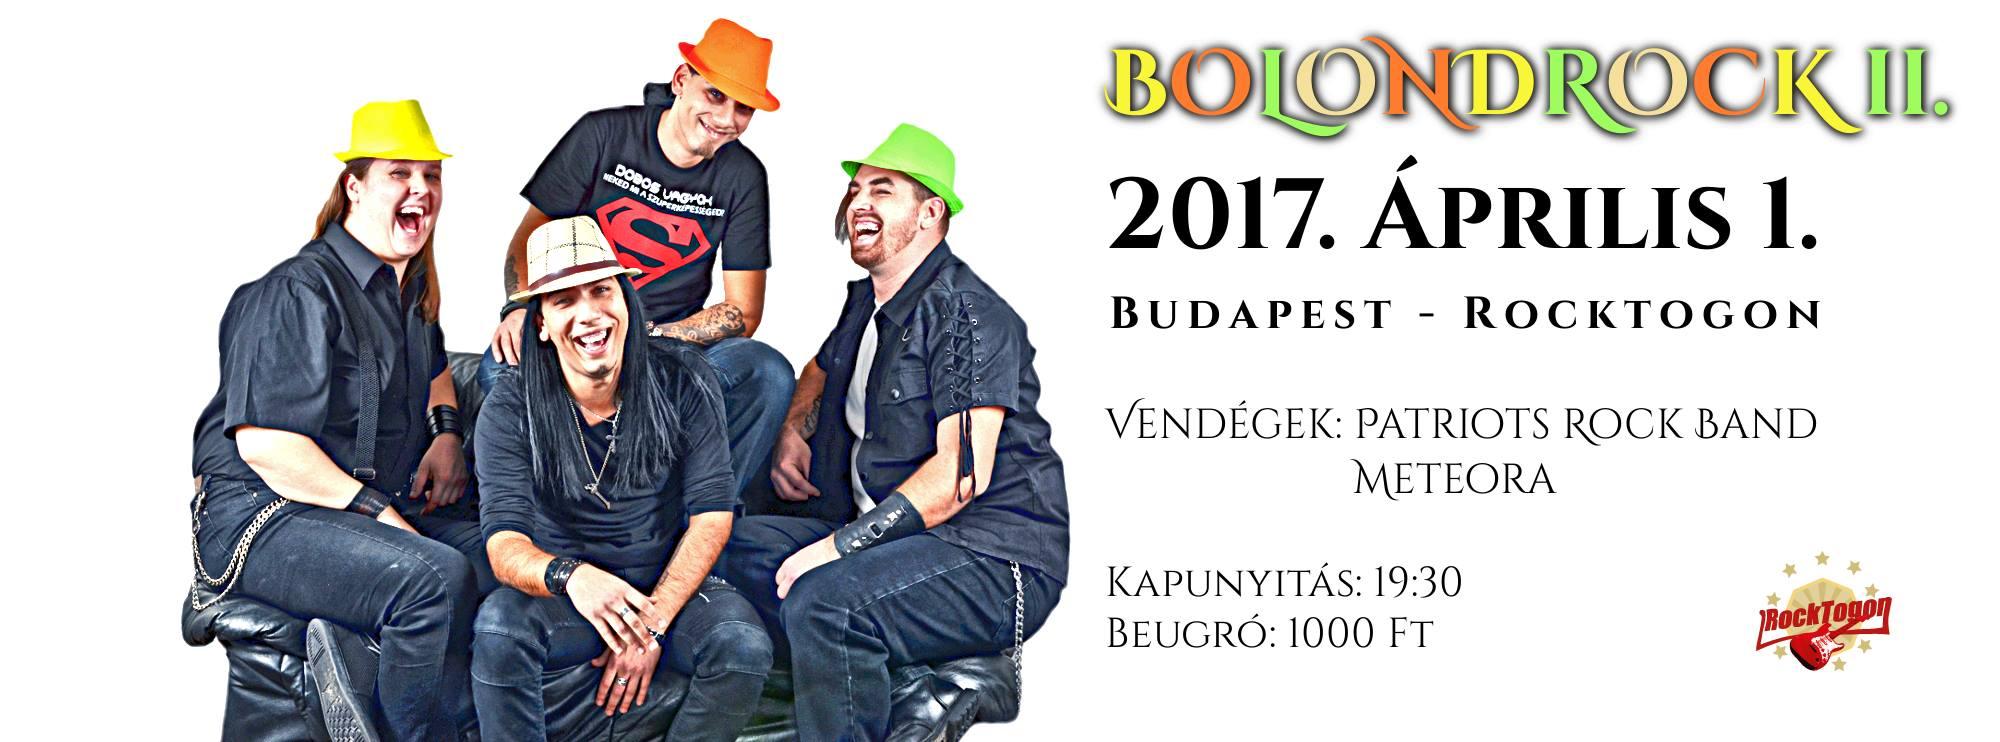 bolondrock_napja_fejlec.jpg